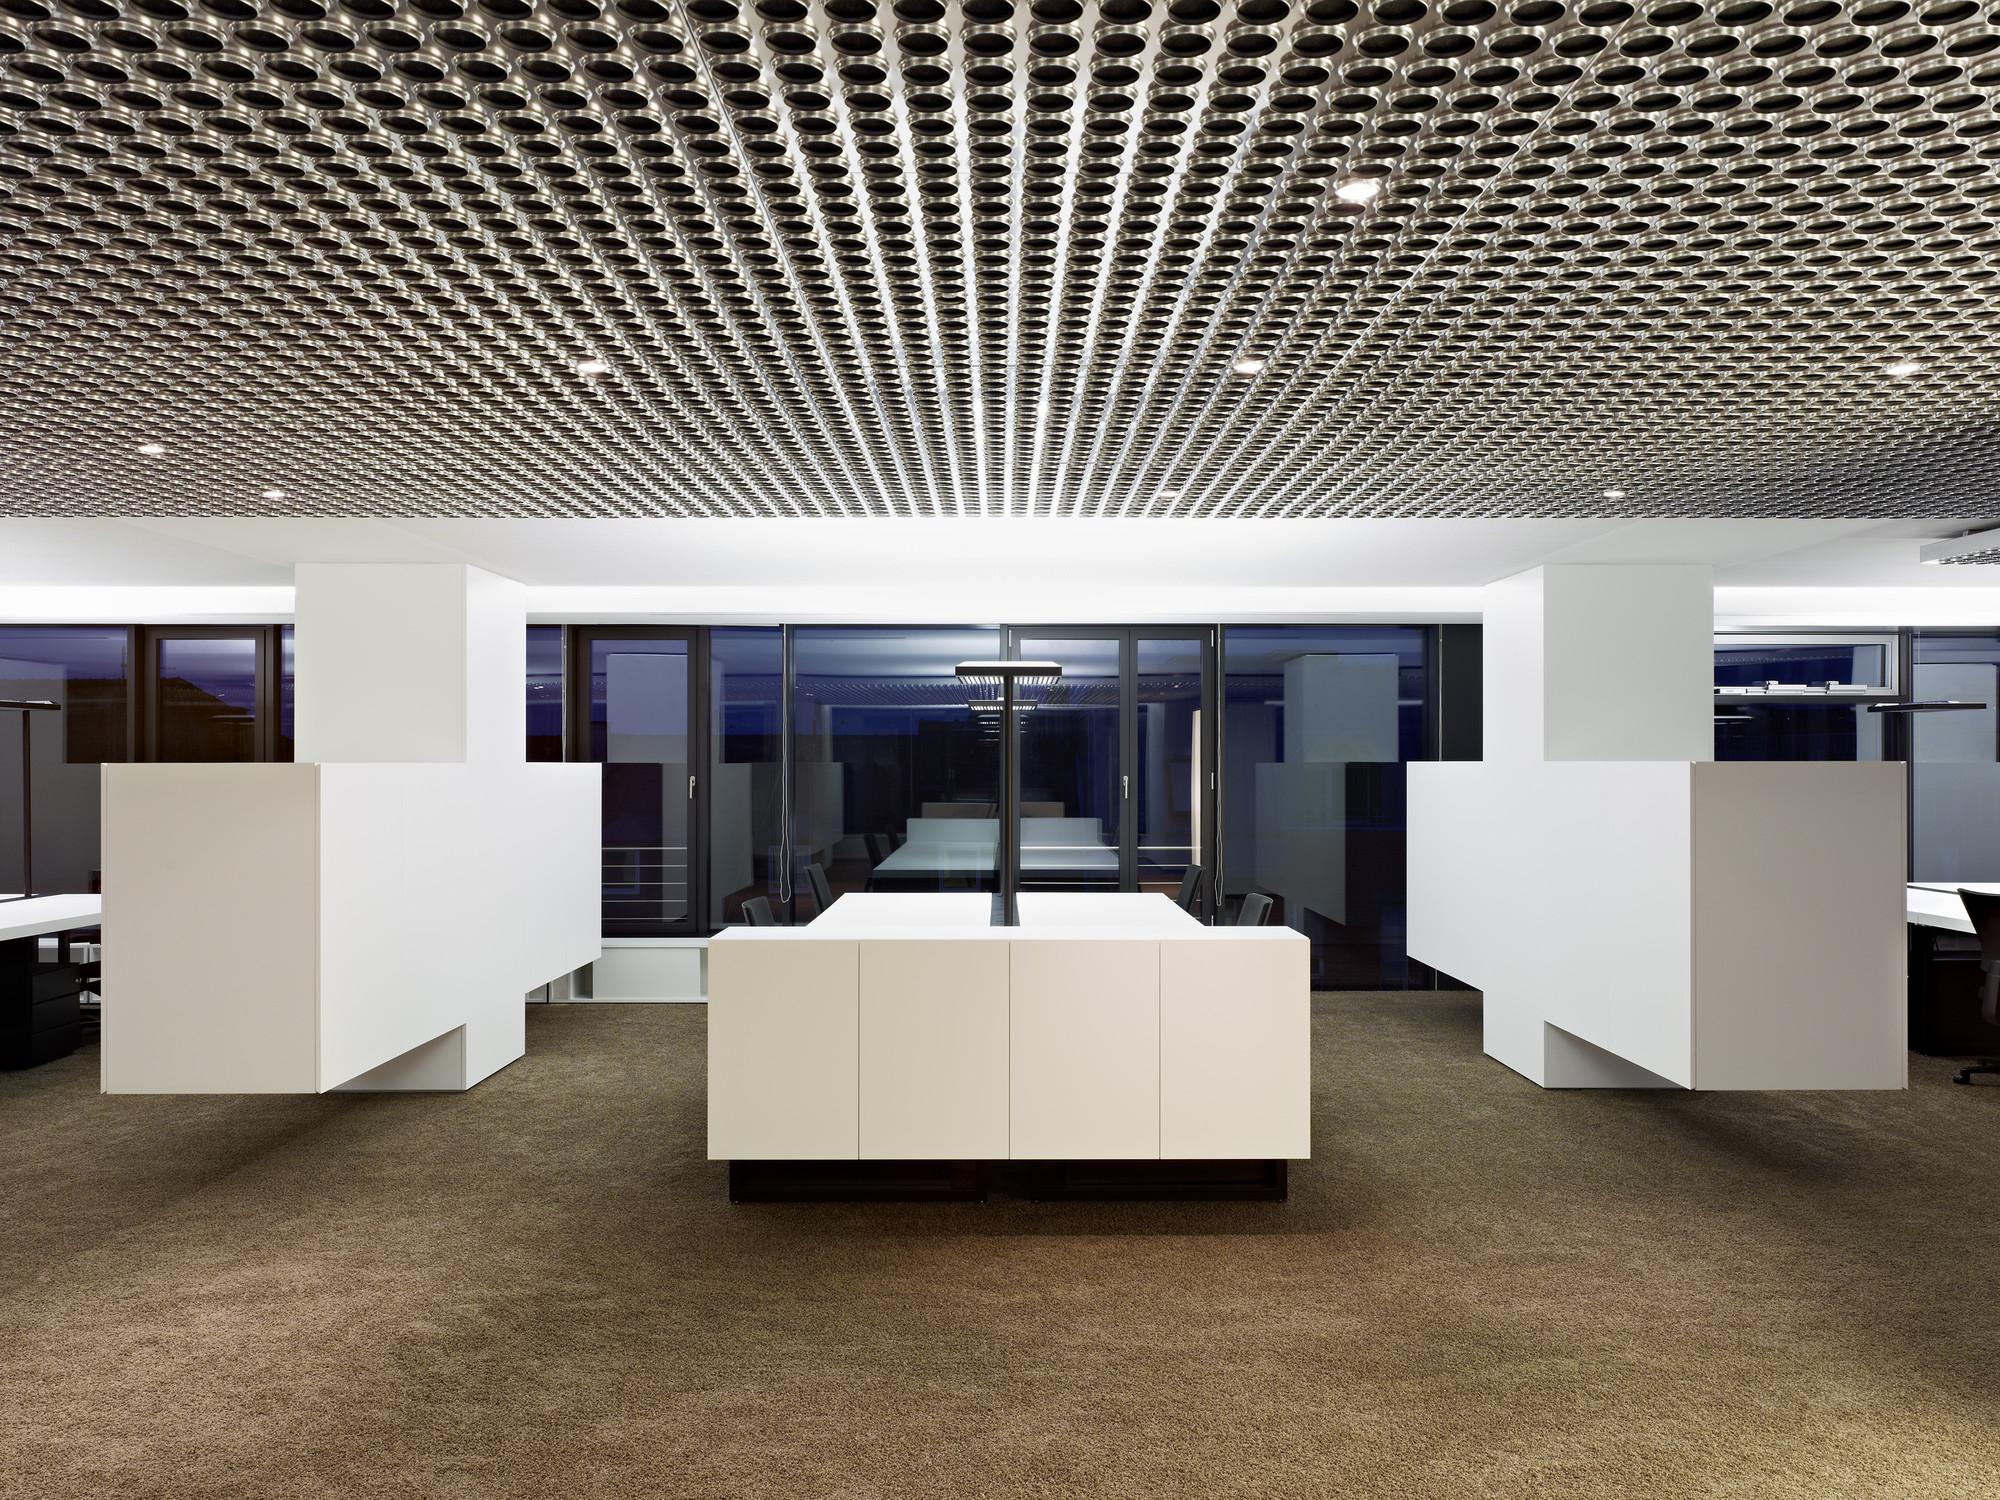 galer a de oficinas schlaich bergermann und partner ippolito fleitz group gmbh 13. Black Bedroom Furniture Sets. Home Design Ideas